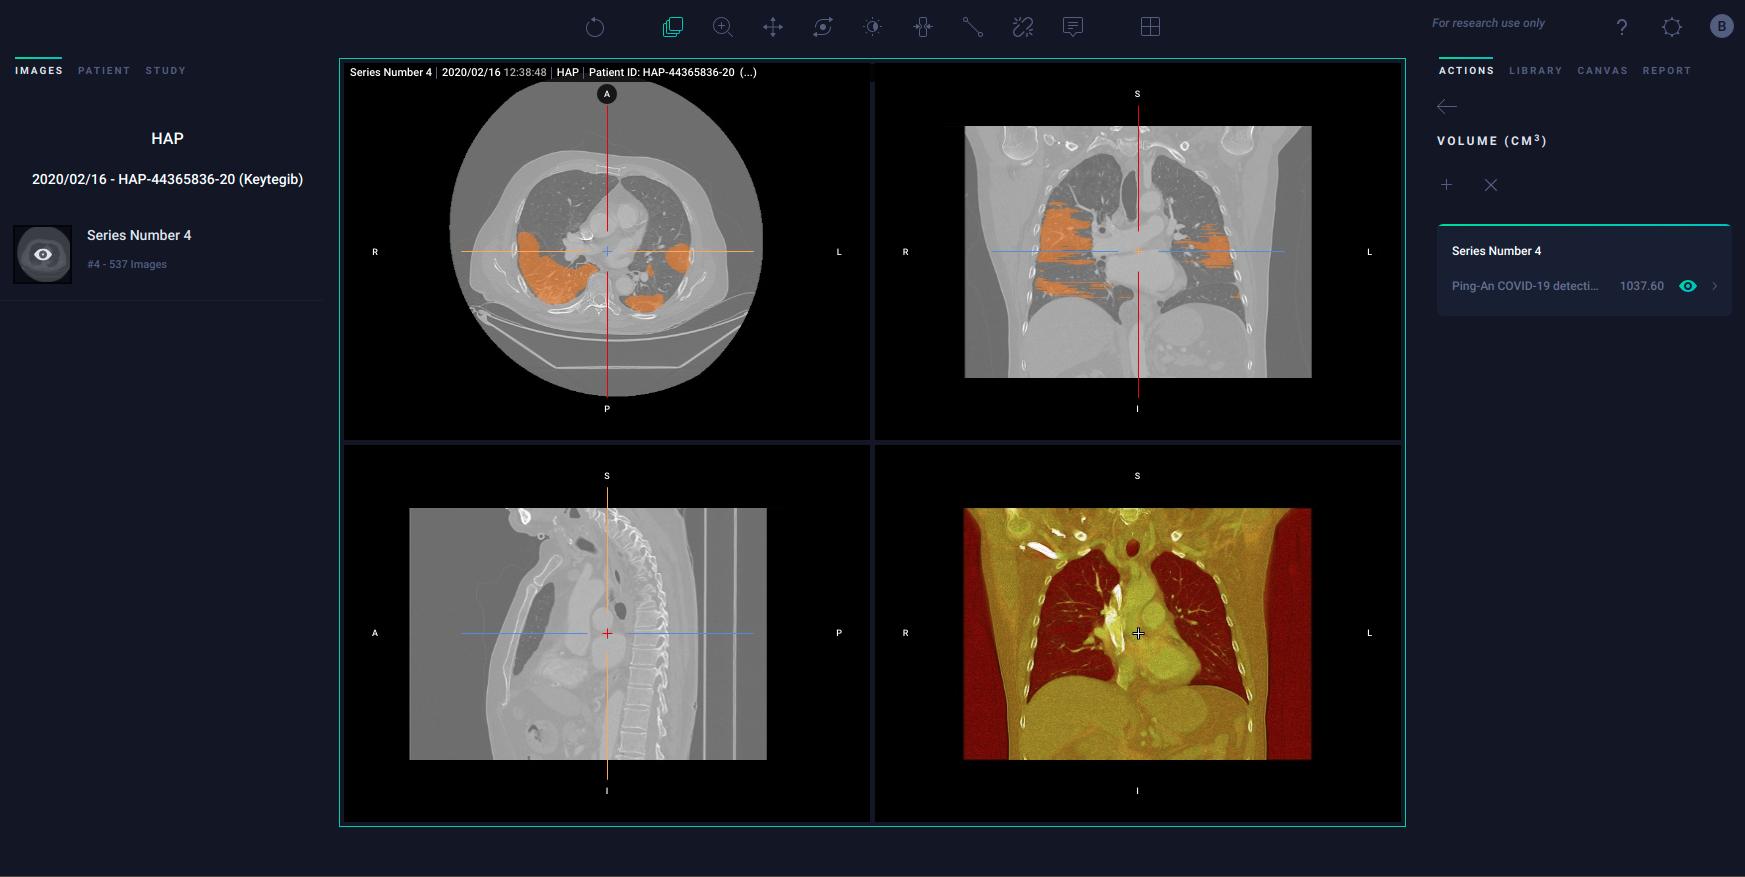 COVID-19 lesion segmentation